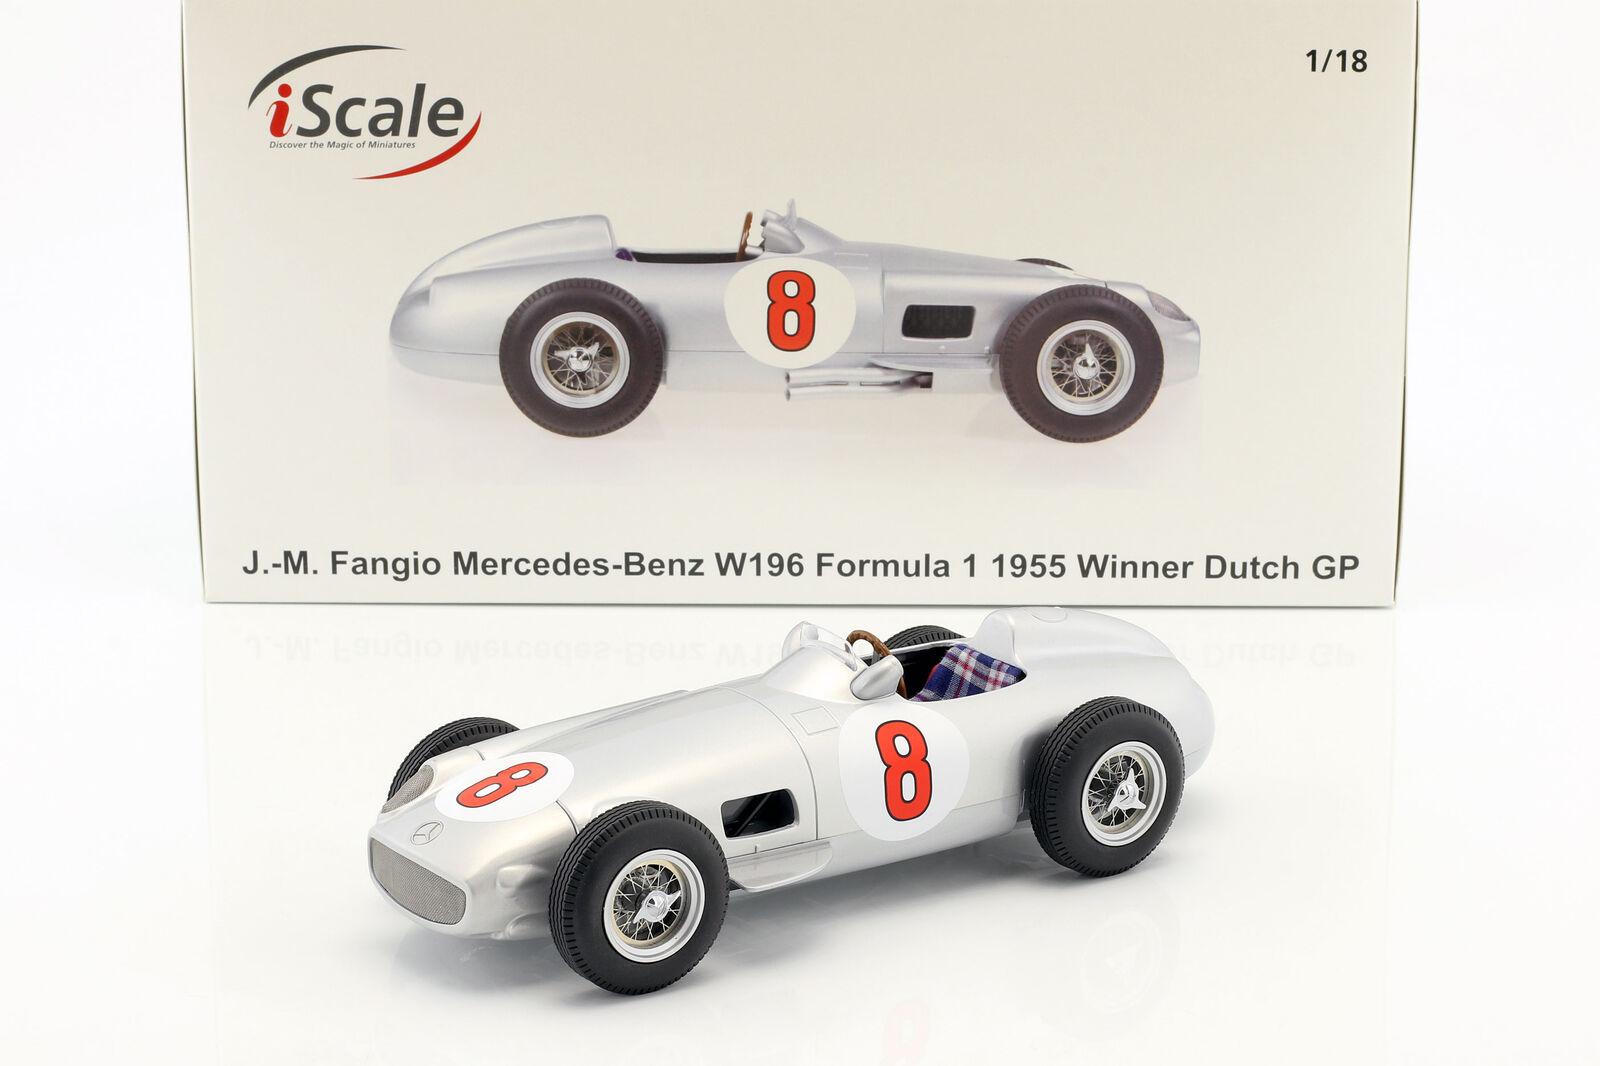 J con Fangio Mercedes-Benz W196  8 Campeón Del Mundo Fórmula 1 1955 1 18 iscale